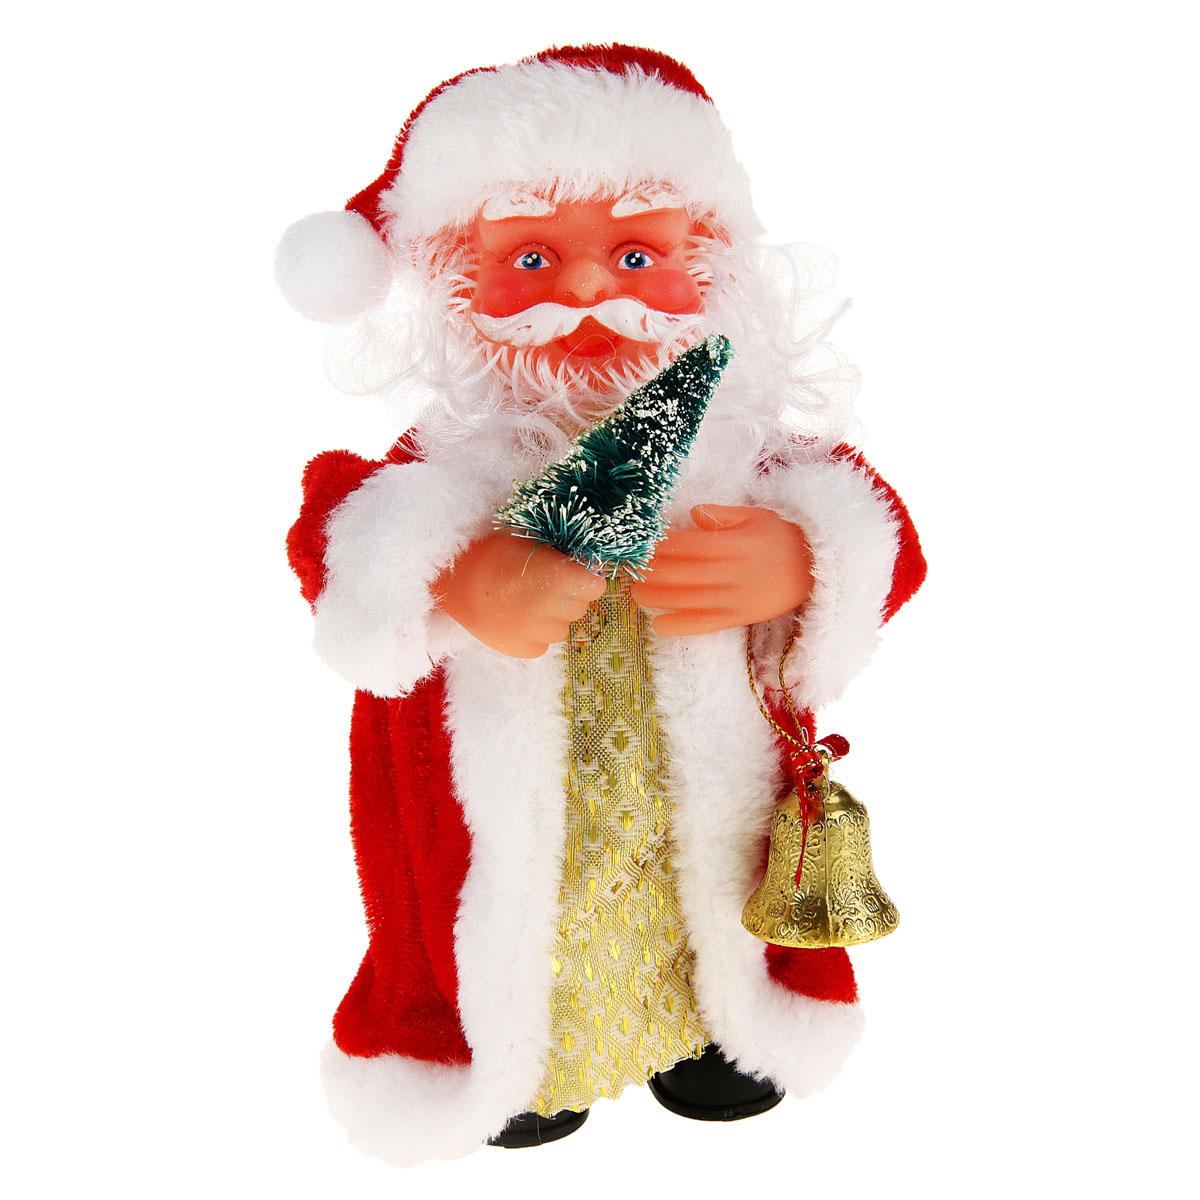 Новогодняя декоративная фигурка Sima-land Дед Мороз с колокольчиком, музыкальная, высота 17,5 см. 827829827829Новогодняя декоративная фигурка выполнена из высококачественного пластика в виде Деда Мороза. Дед Мороз одет в красную шубу с белой опушкой. На голове шапка в цвет шубы. В одной руке Дед Мороз держит елочку, а в другой - колокольчик. Особенностью фигурки является наличие механизма, при включении которого играет новогодняя песенка В лесу родилась елочка. Его добрый вид и очаровательная улыбка притягивают к себе восторженные взгляды. Декоративная фигурка Дед Мороз прекрасно подойдет для оформления новогоднего интерьера и принесет с собой атмосферу радости и веселья.